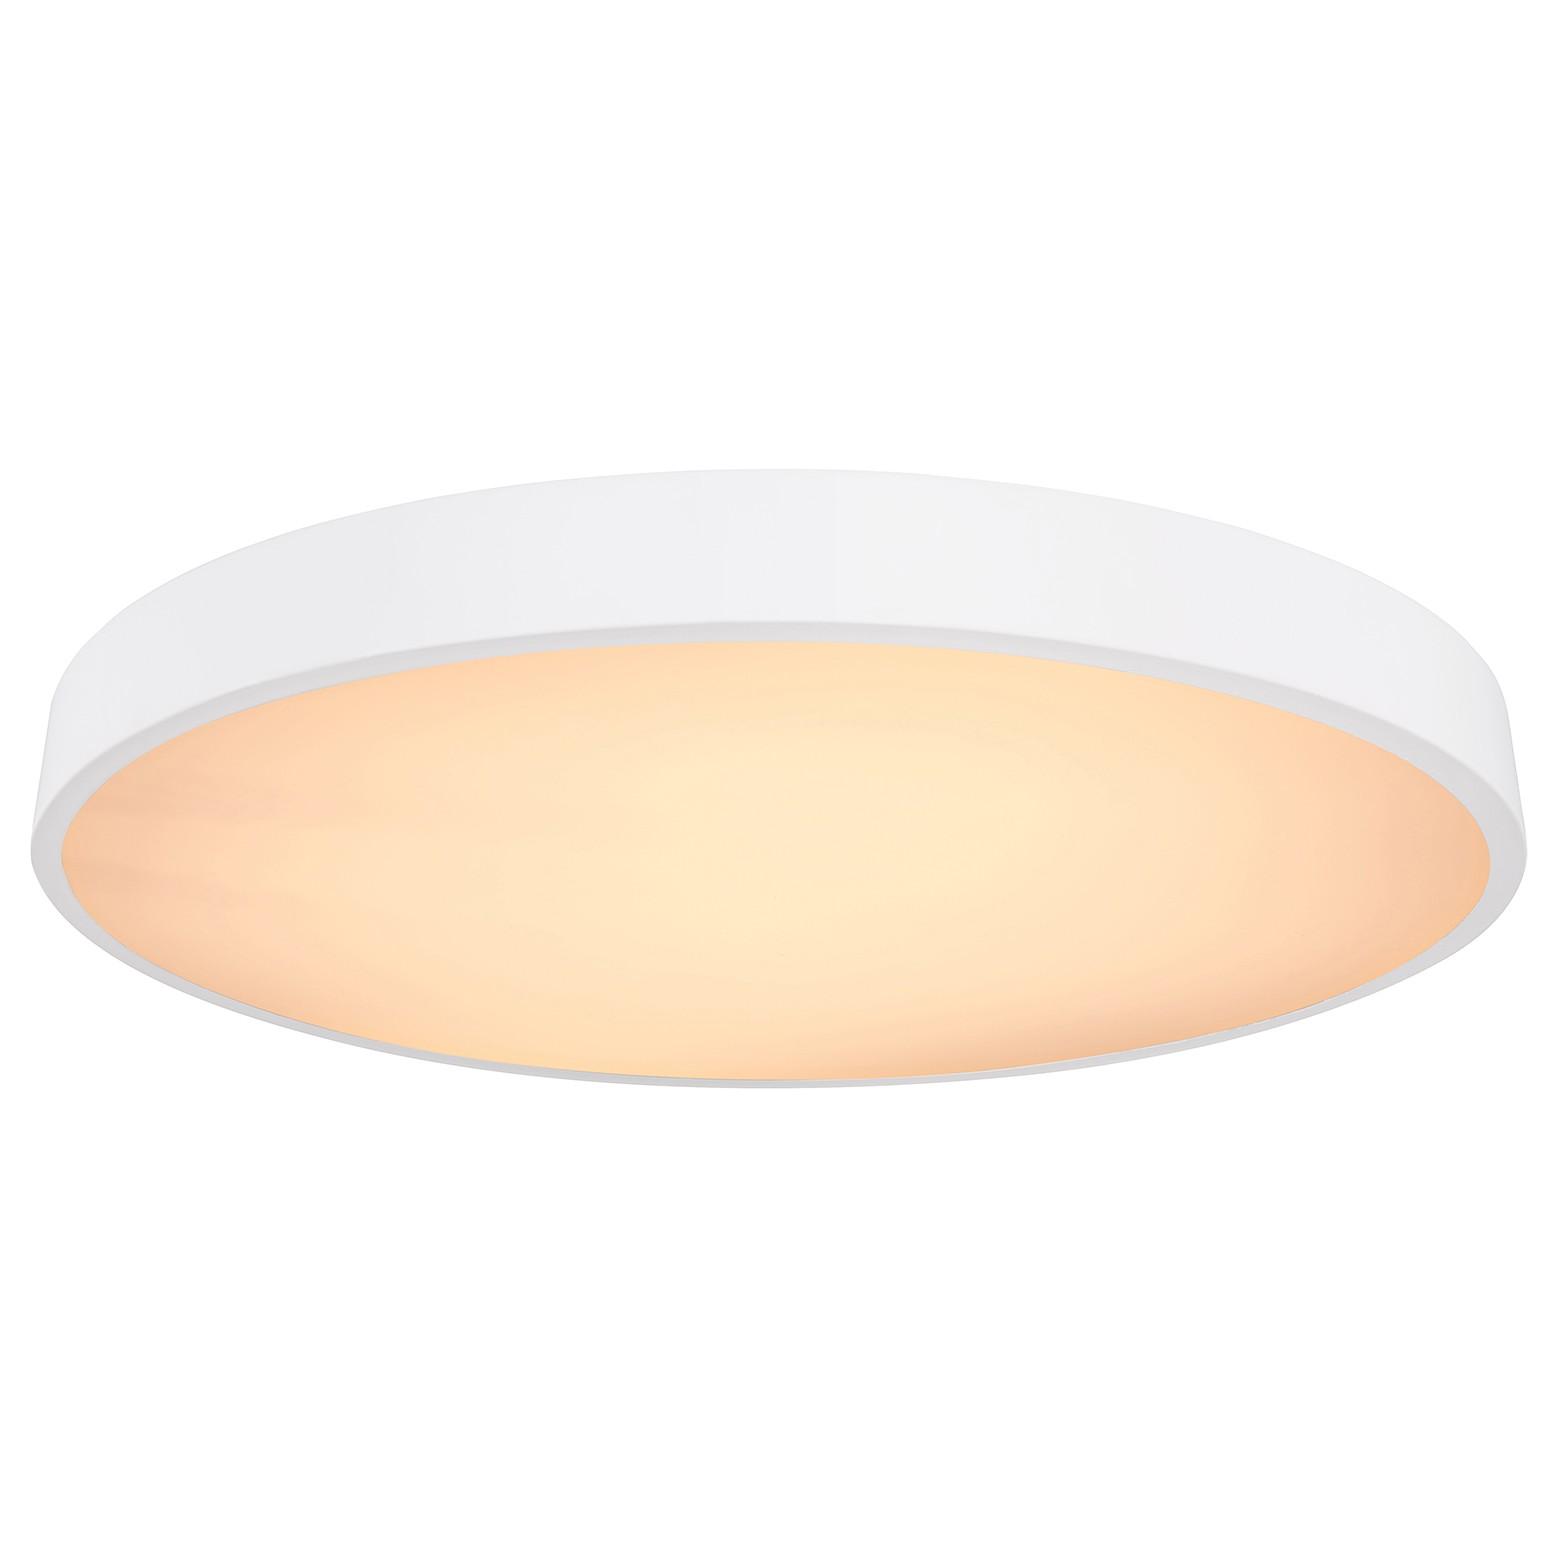 home24 LED-Deckenleuchte Wiss III